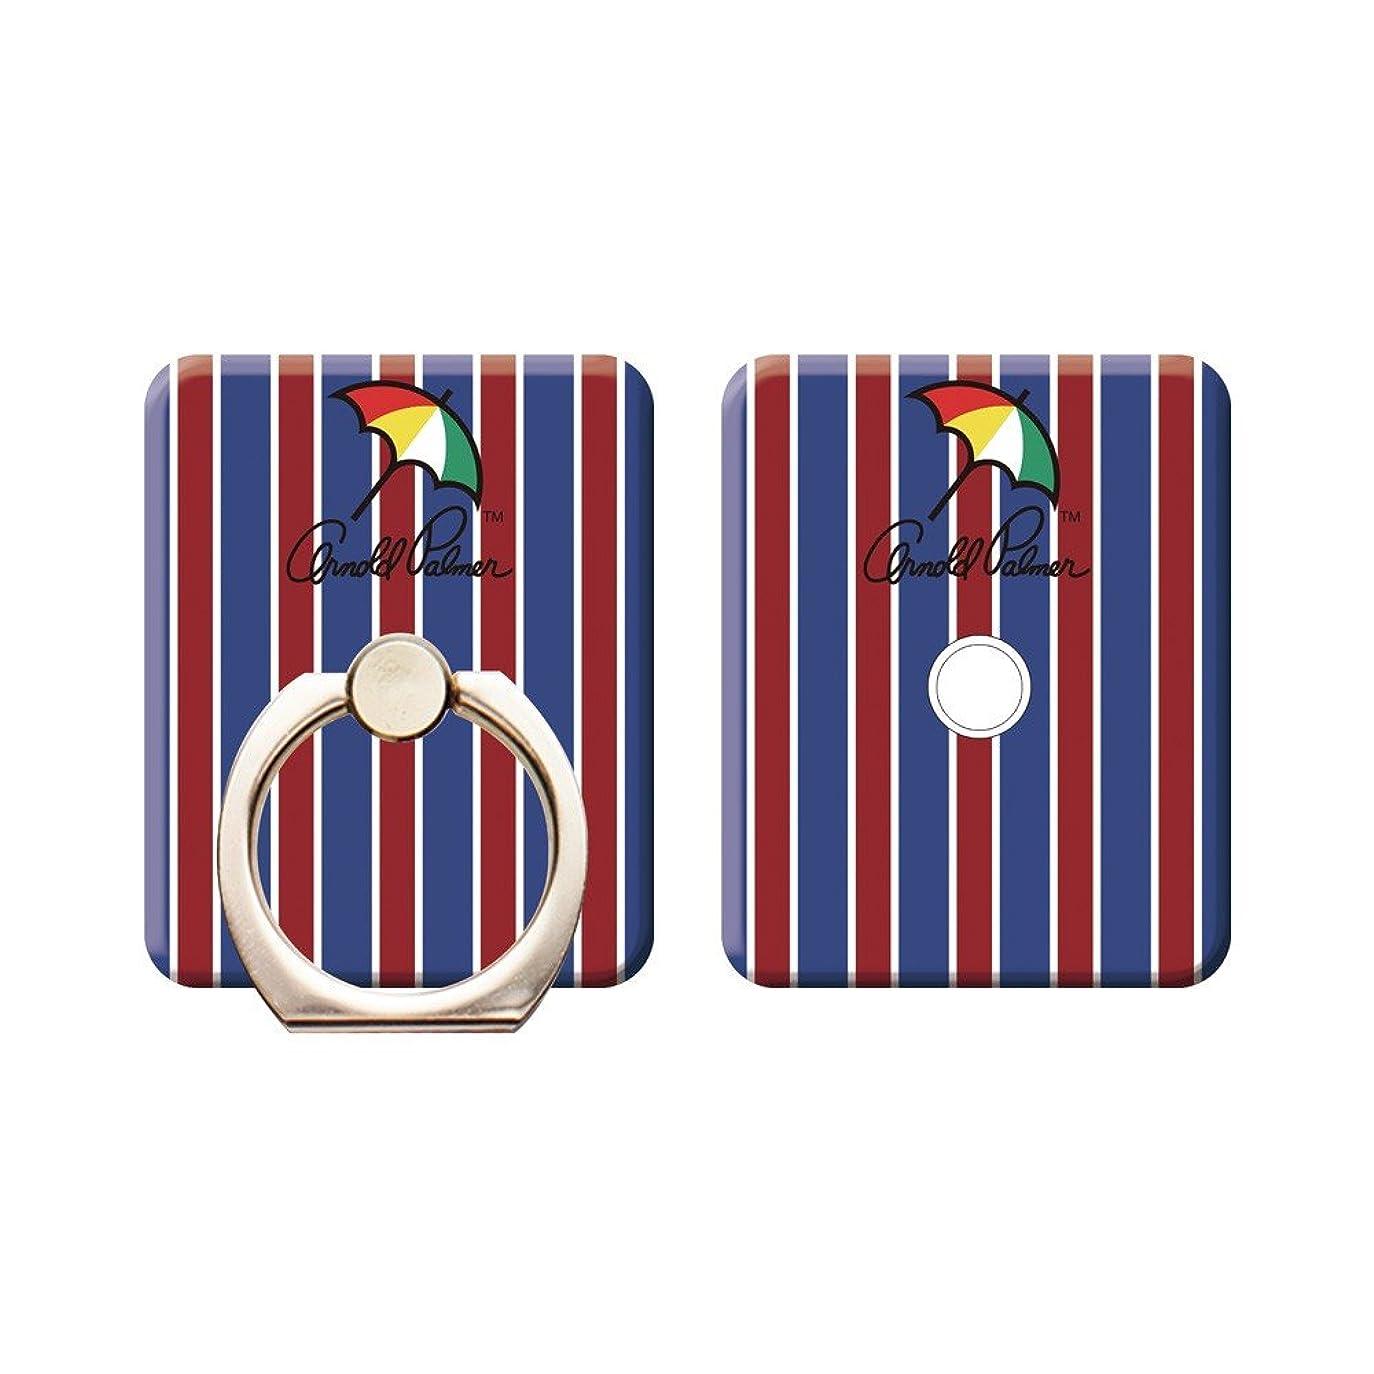 甘くするクルー十年スマートフォンリング [デザイン:Design4/1.ゴールド(艶あり)] アーノルドパーマー arnold palmer スマホリング ホールドリング スタンドリング 落下防止